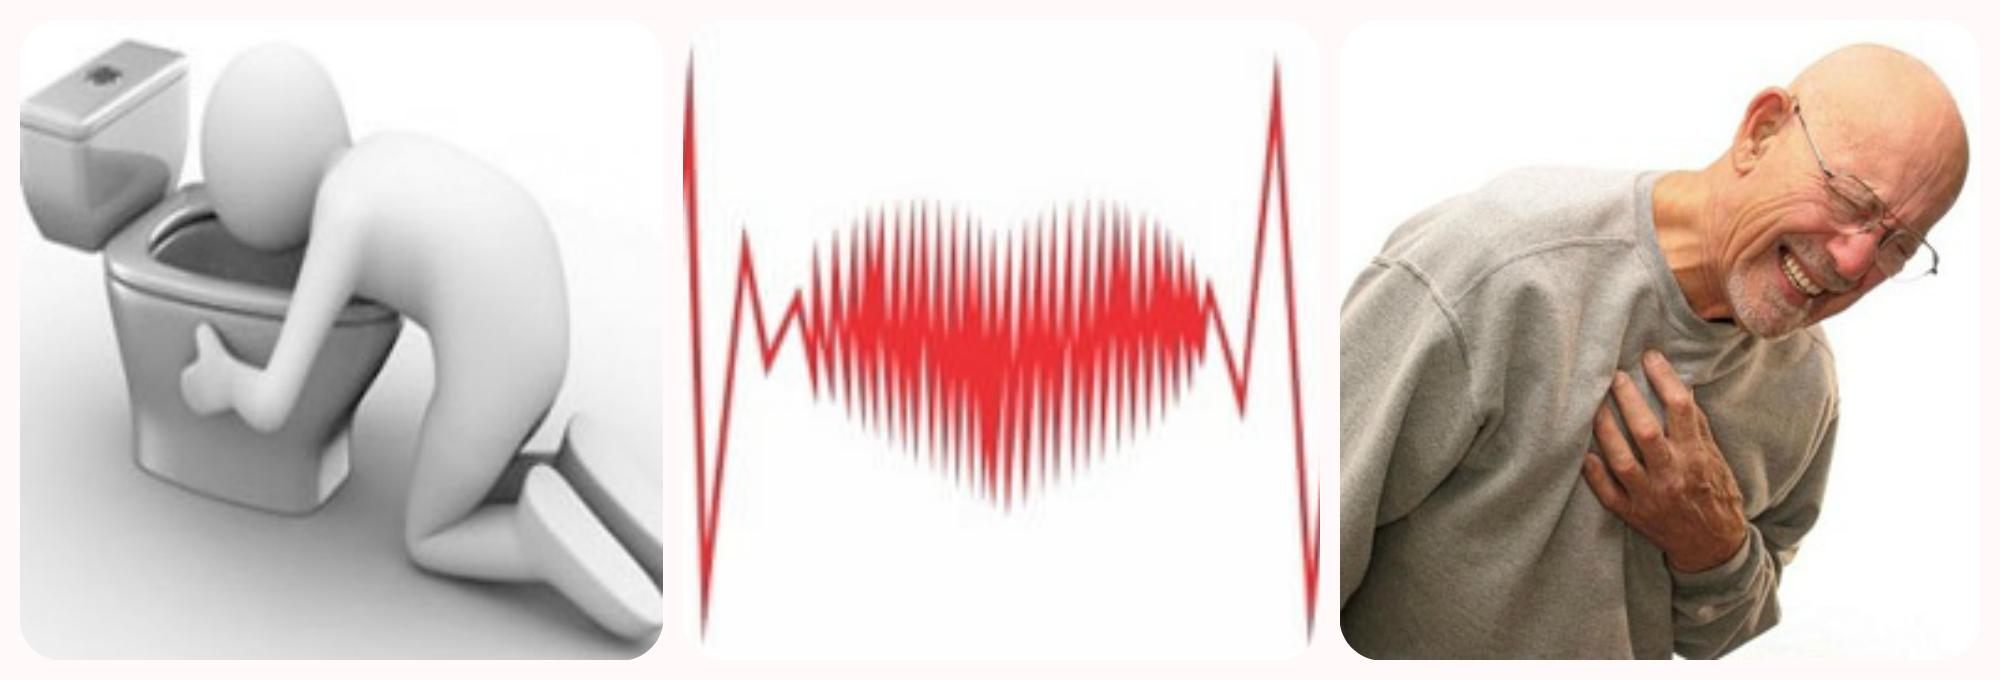 тошнота сердцебиение боль в груди